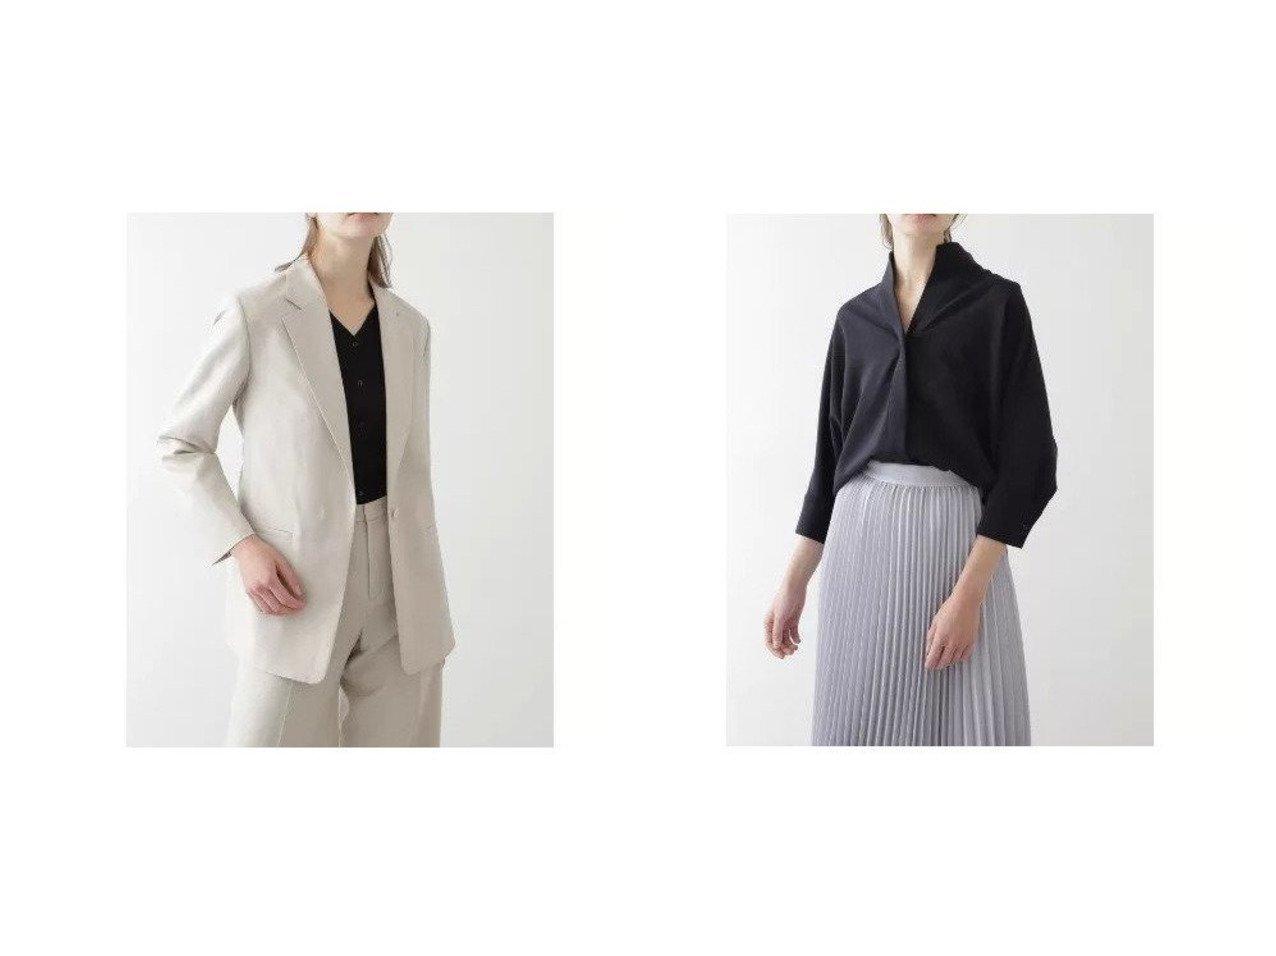 【BOSCH/ボッシュ】のウール麻セットアップジャケット&VISPOLYNOトロピカルセットアップシャツ BOSCHのおすすめ!人気、トレンド・レディースファッションの通販  おすすめで人気の流行・トレンド、ファッションの通販商品 メンズファッション・キッズファッション・インテリア・家具・レディースファッション・服の通販 founy(ファニー) https://founy.com/ ファッション Fashion レディースファッション WOMEN アウター Coat Outerwear ジャケット Jackets トップス カットソー Tops Tshirt シャツ/ブラウス Shirts Blouses セットアップ Setup トップス Tops シャンブレー ジャケット スタンダード セットアップ ポケット リラックス |ID:crp329100000020173